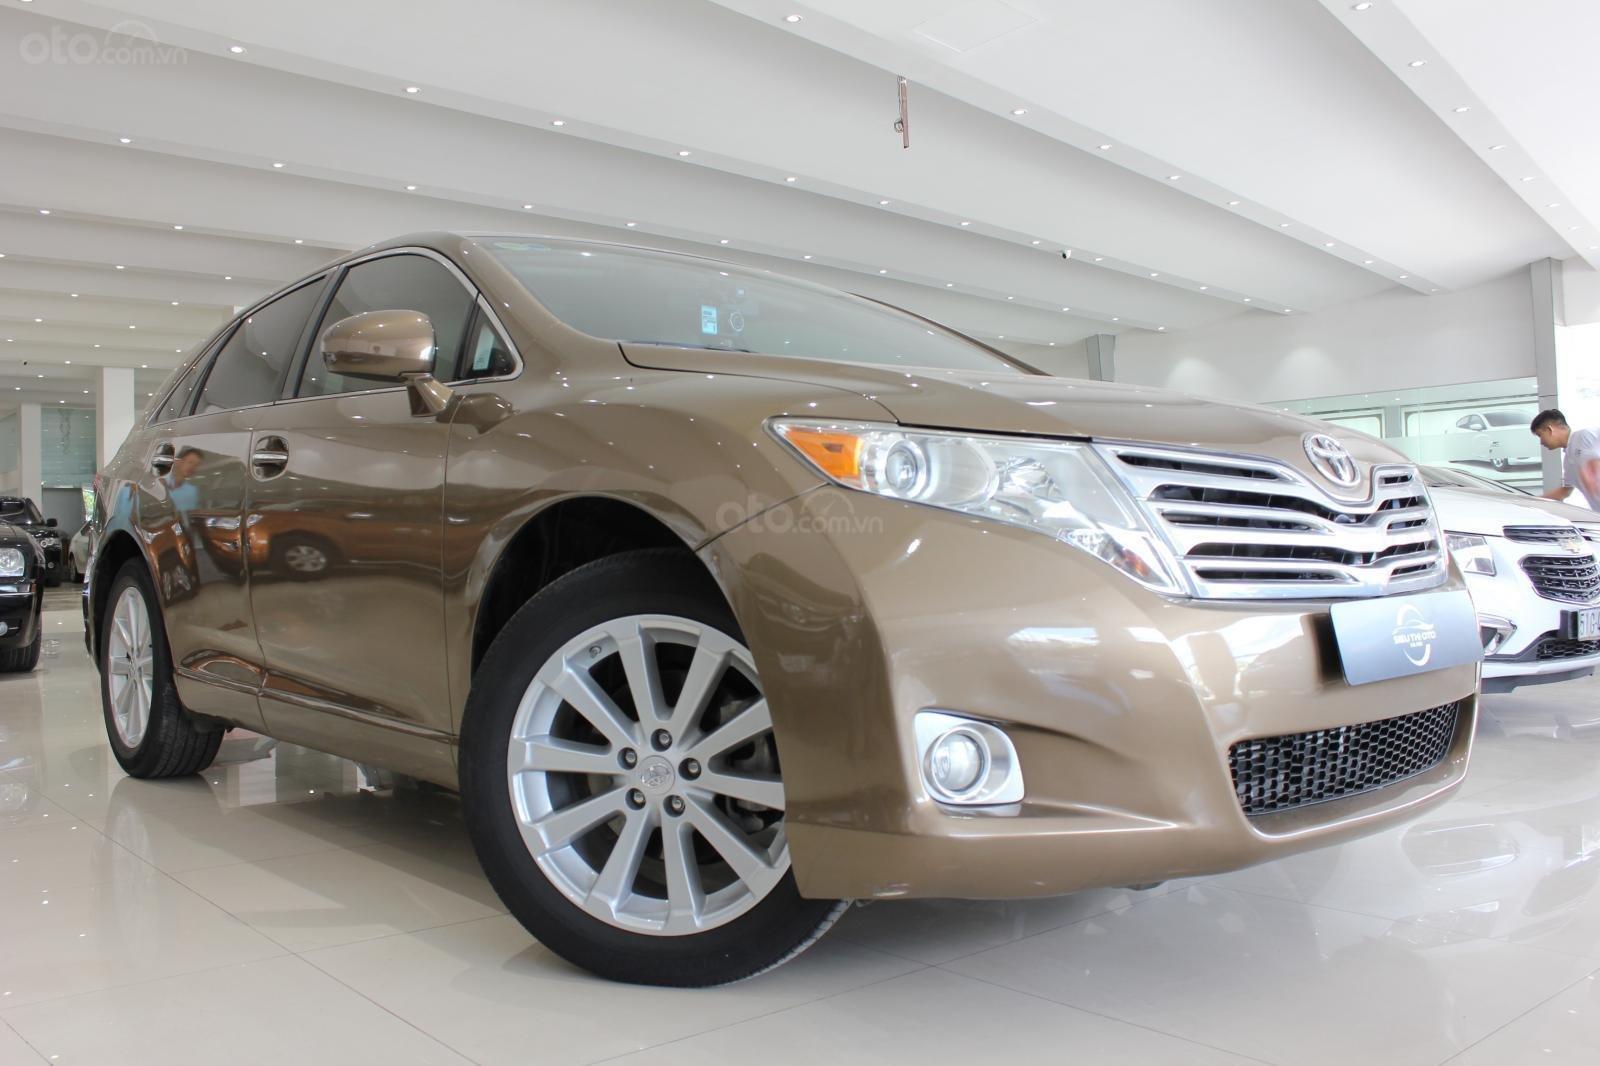 Bán ô tô Toyota Venza năm sản xuất 2011, màu nâu, nhập khẩu -0